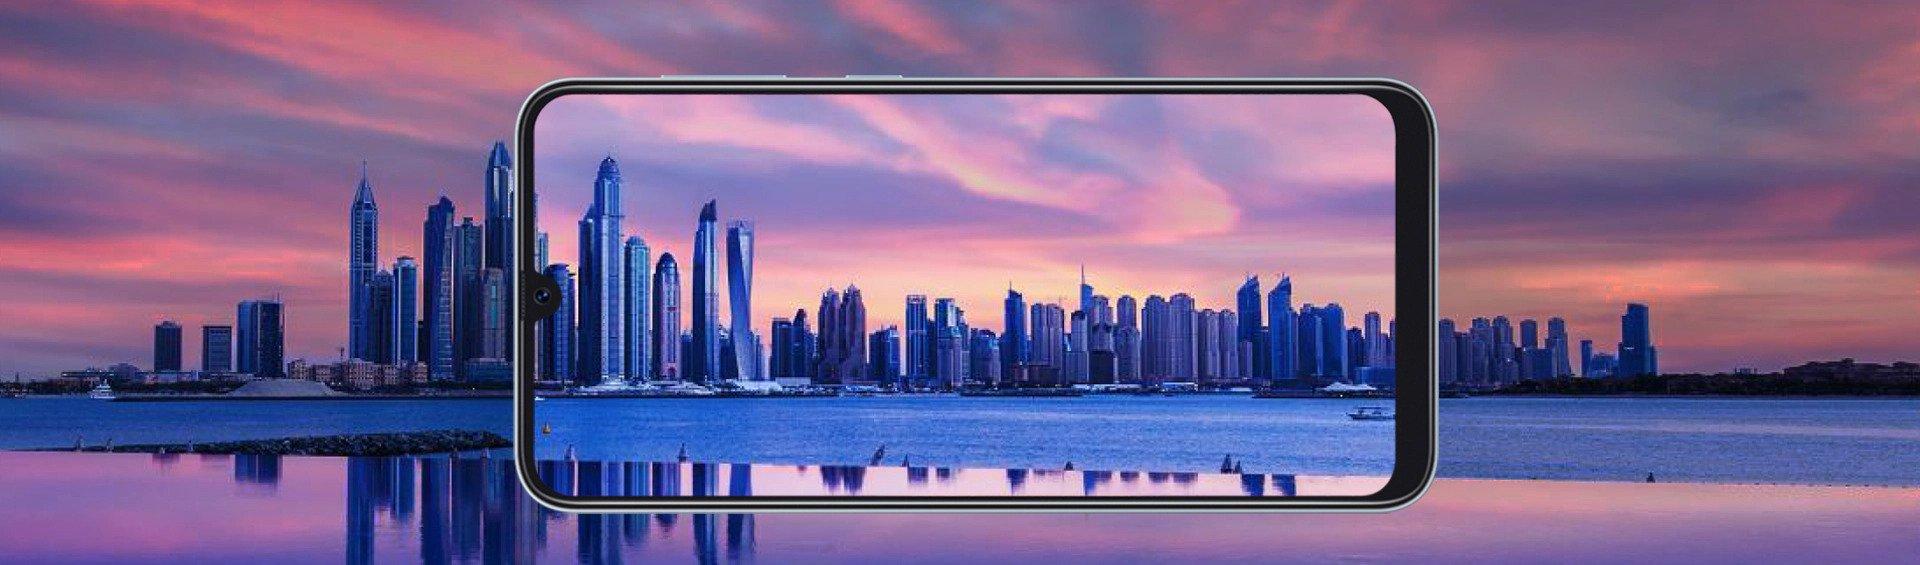 Samsung A50 Singapore